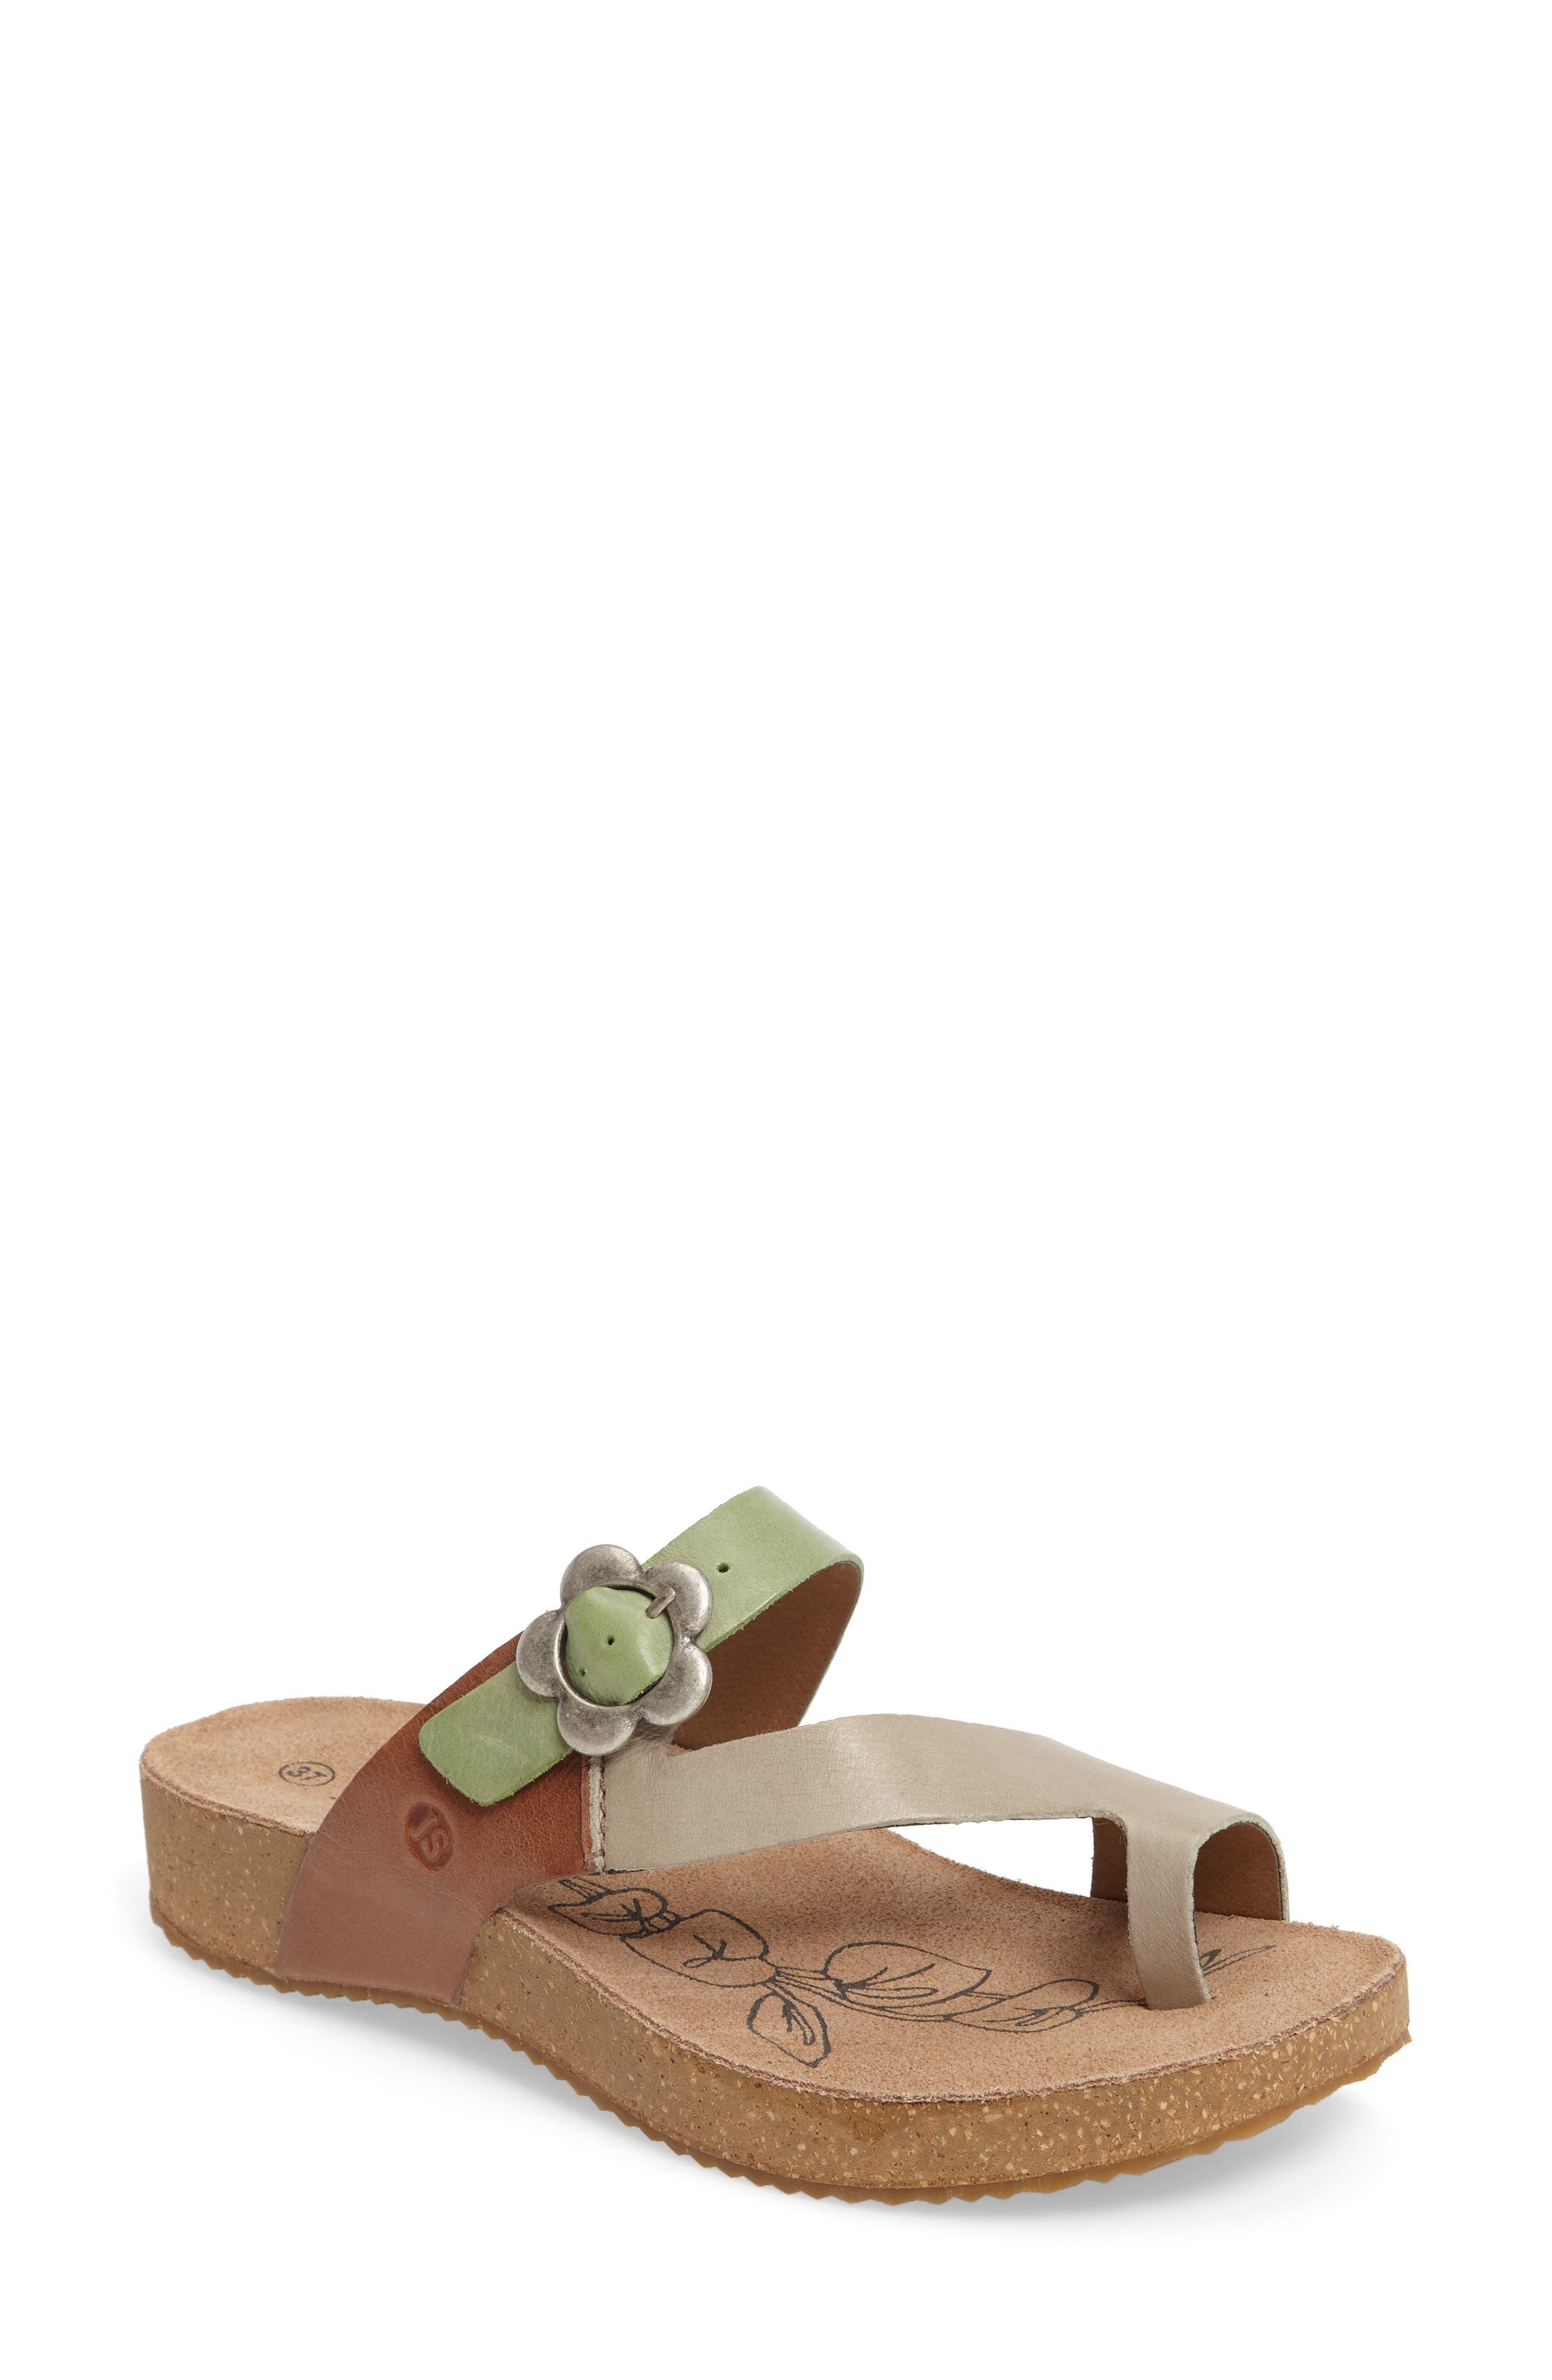 Tonga 23 Sandal,                             Main thumbnail 1, color,                             Grey Multi Leather